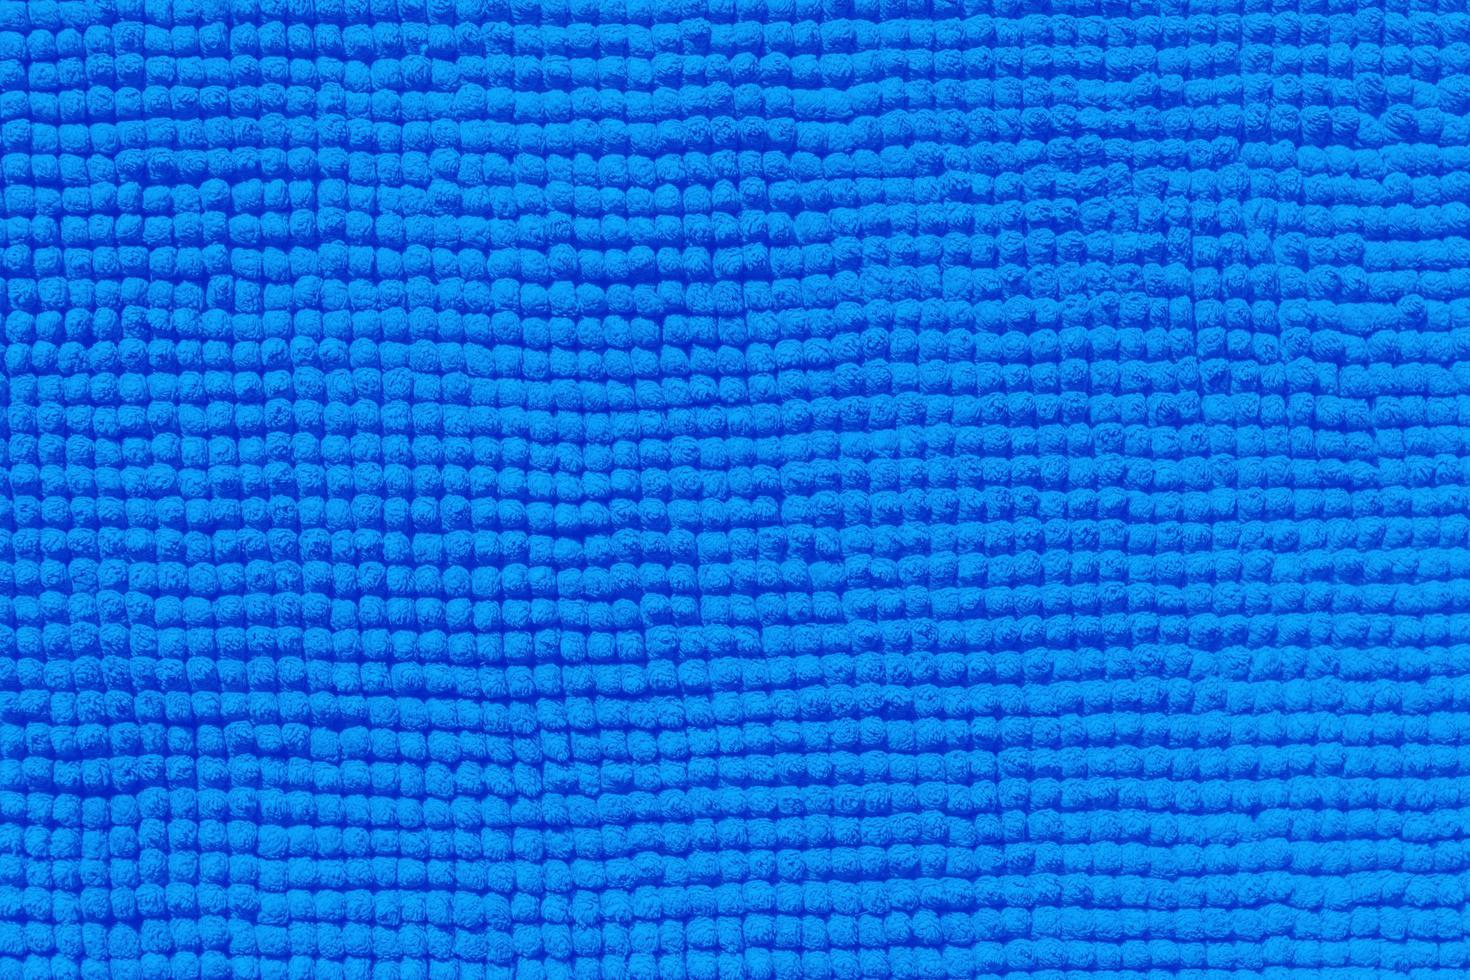 eau bleue dans une piscine photo